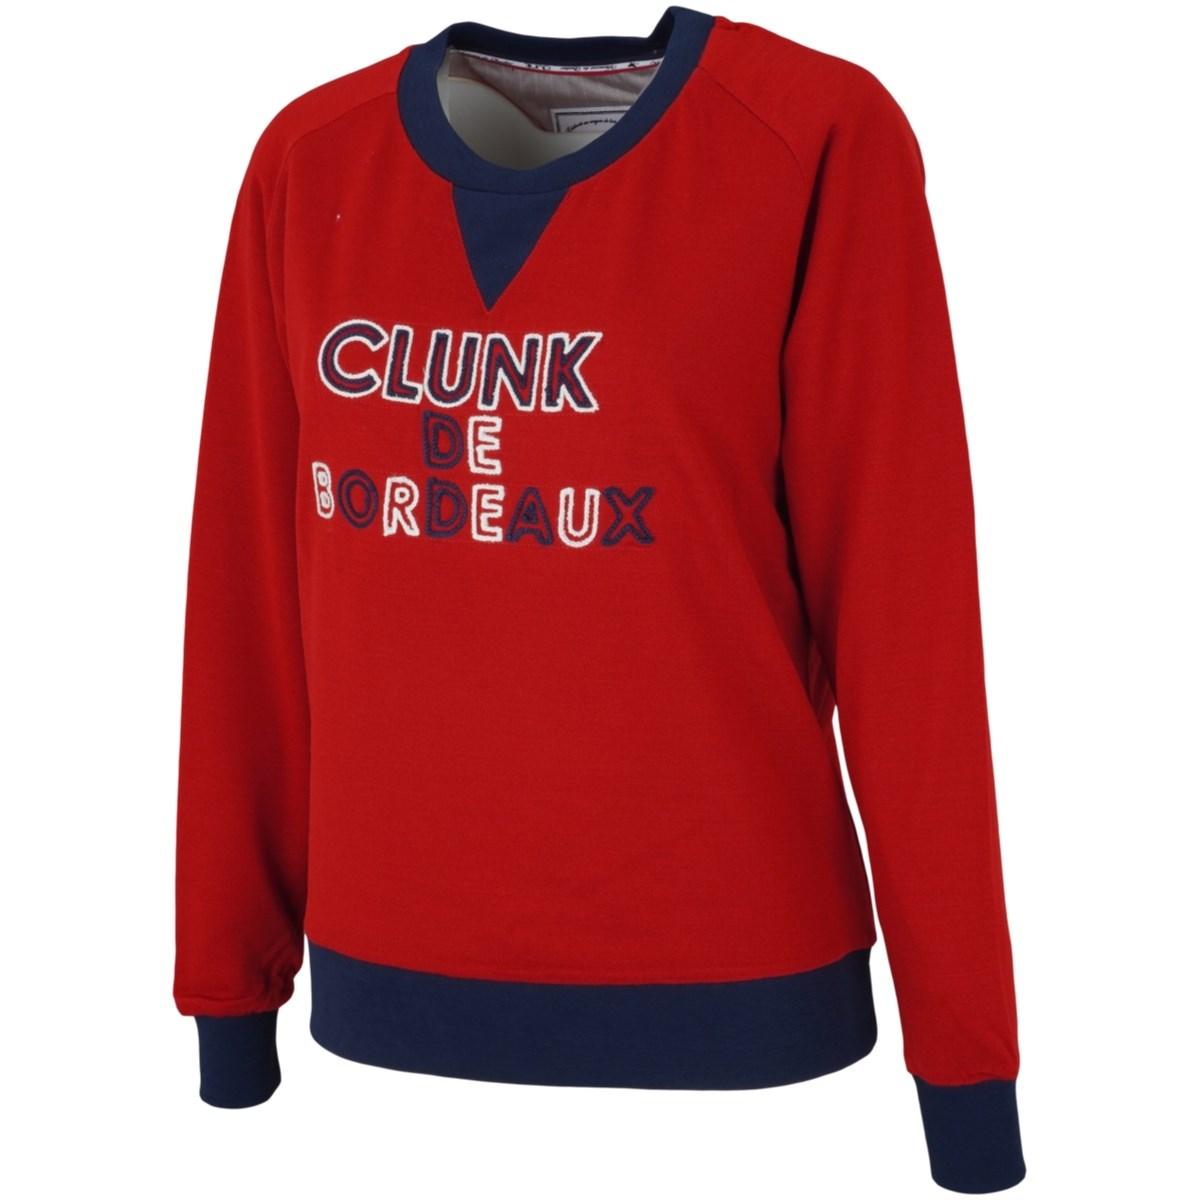 クランク Clunk ストレッチ刺繍セーター S レッド 070 レディス